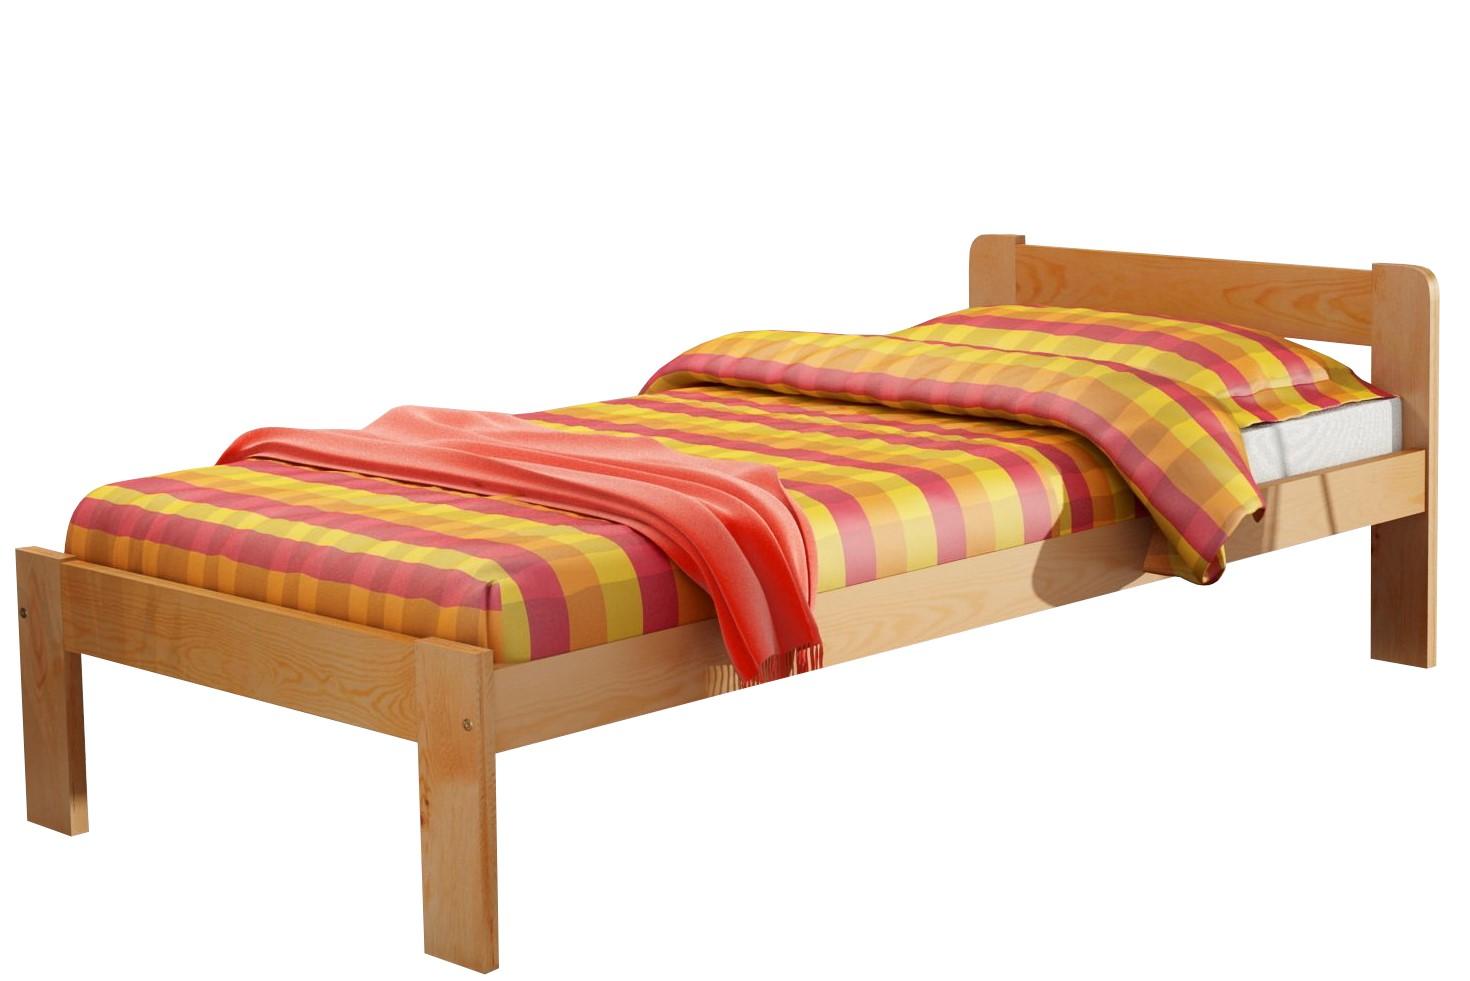 łóżko Pojedyncze Fiord 200x90 Z Materacem W Cenie